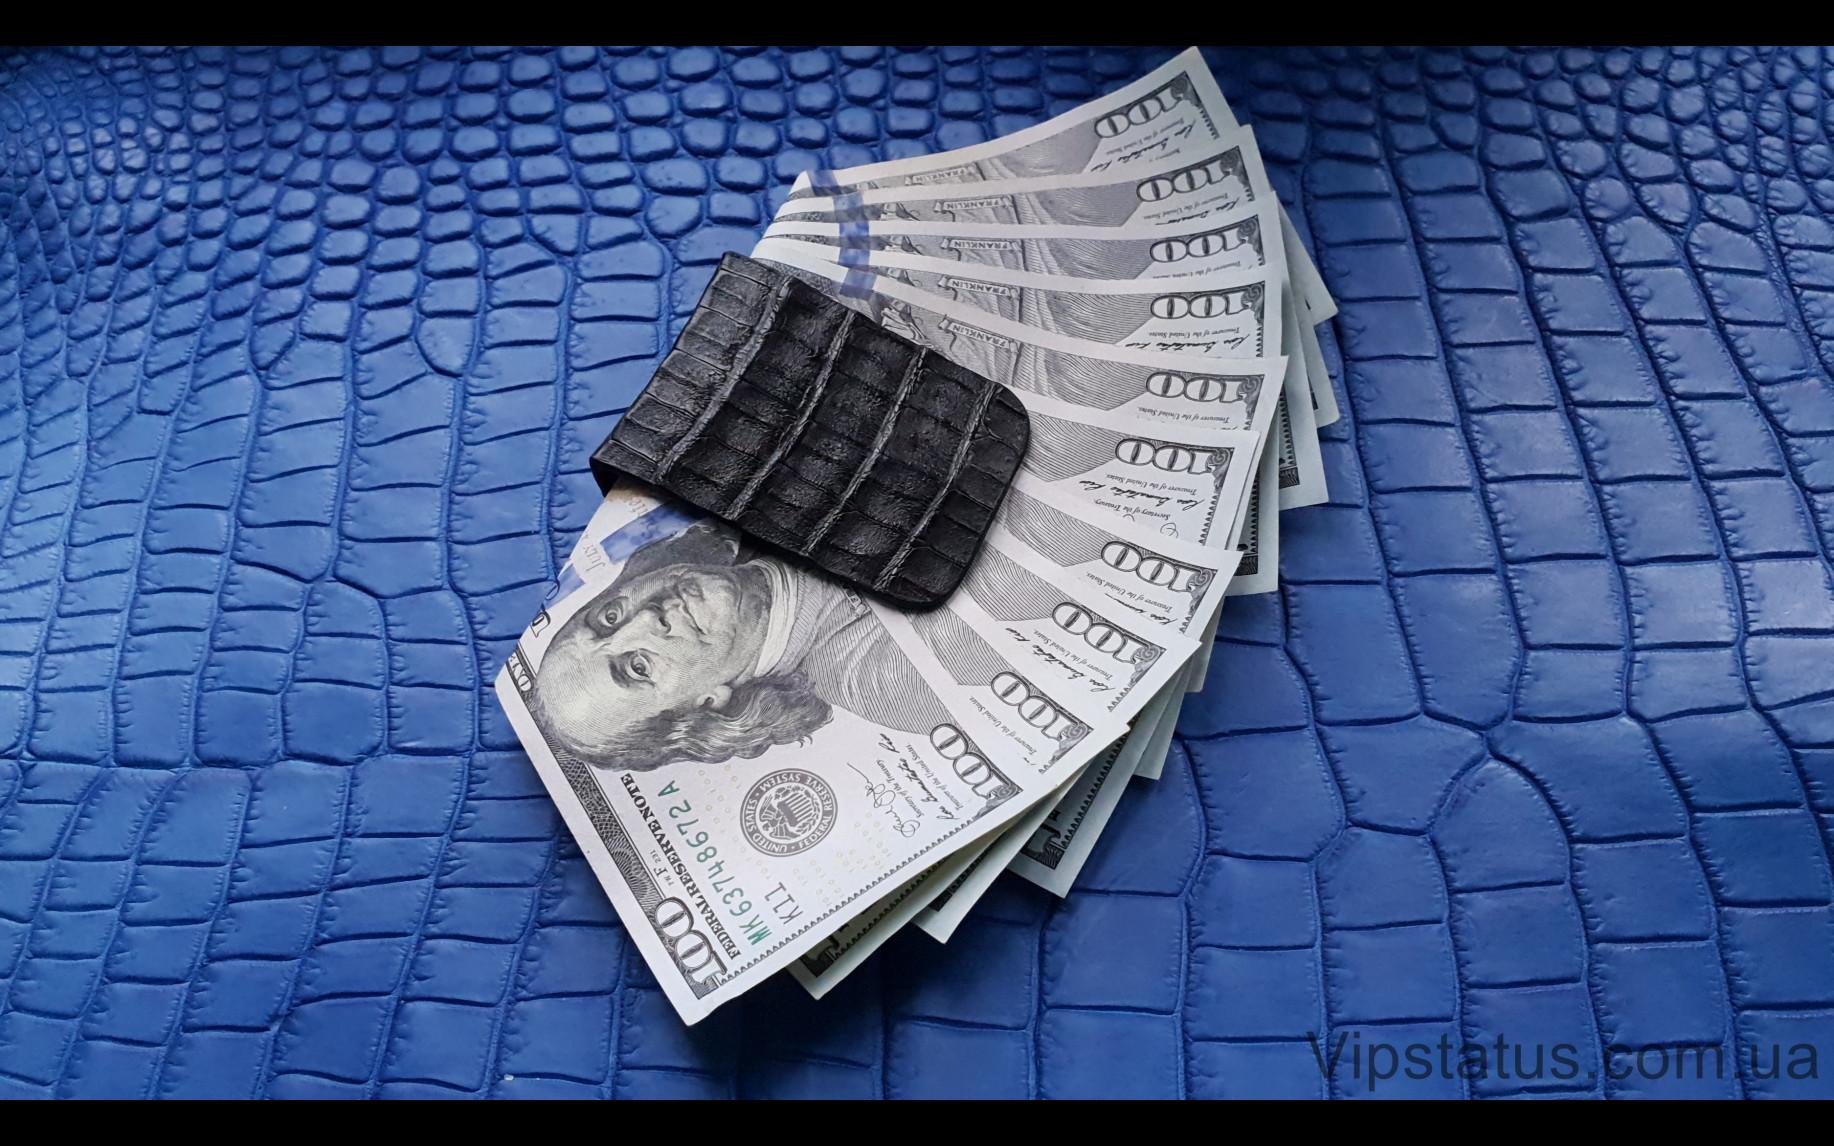 Элитный Premium Crocodile Эксклюзивный зажим для купюр Premium Crocodile Эксклюзивный зажим для купюр изображение 3